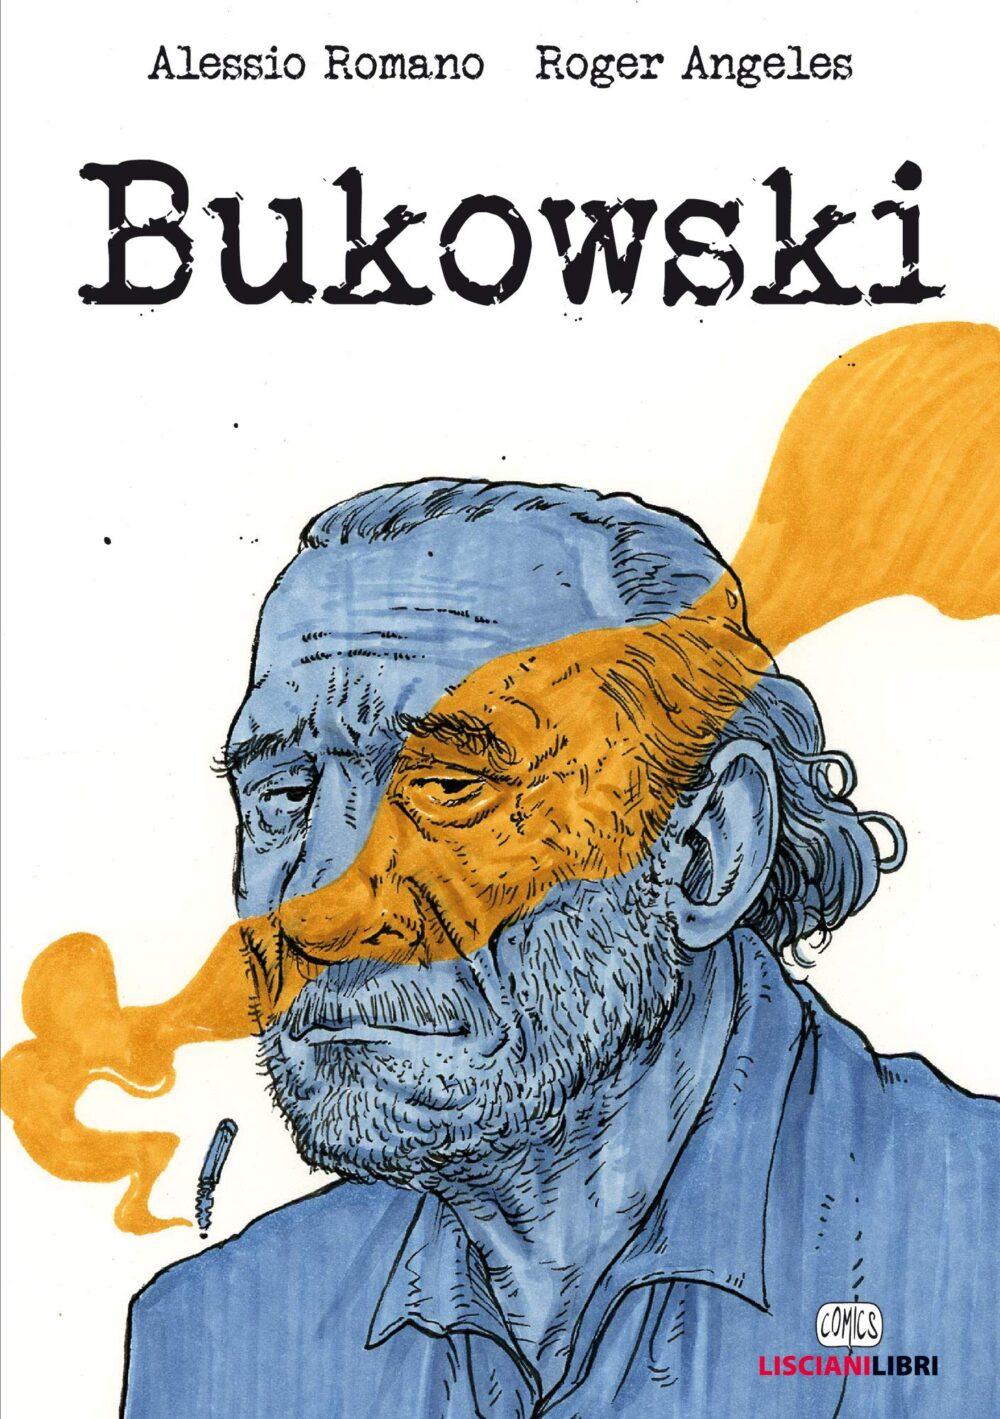 Recensione di Bukowski – Alessio Romano/Roger Angeles